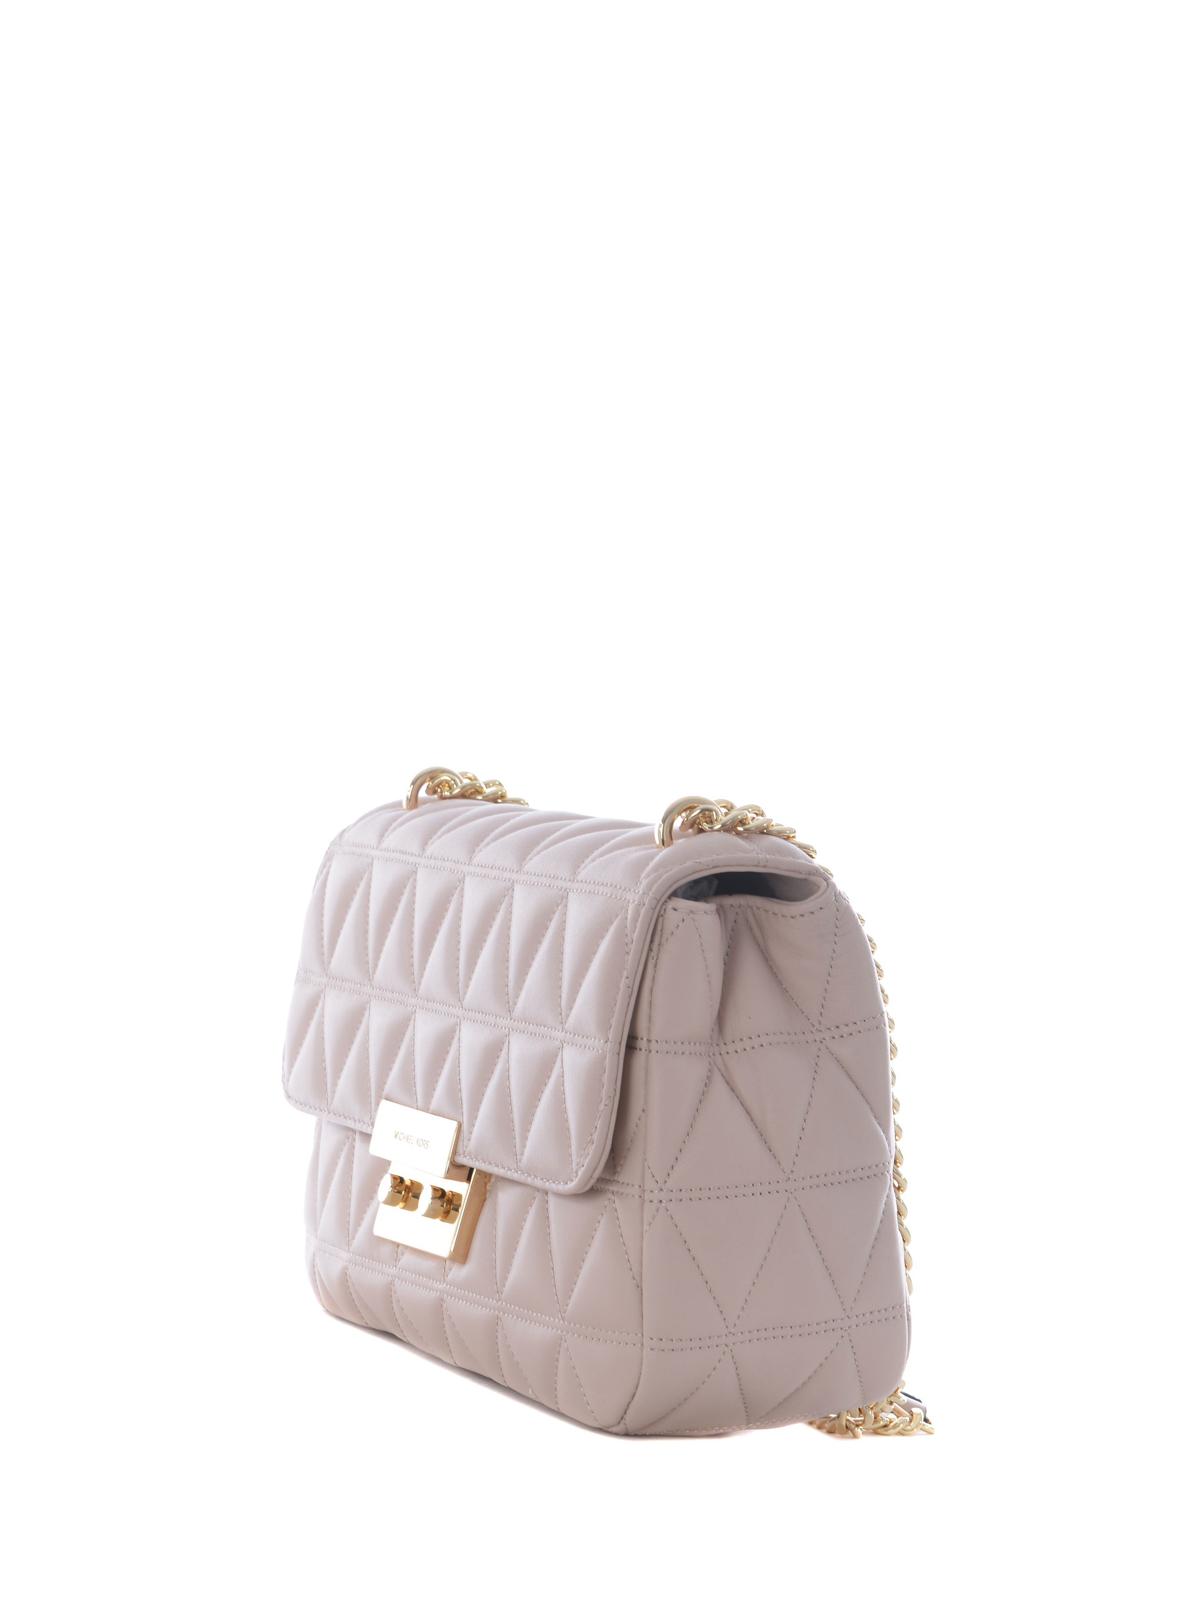 ea320bc4e112 MICHAEL KORS  shoulder bags online - Sloan large pink shoulder bag